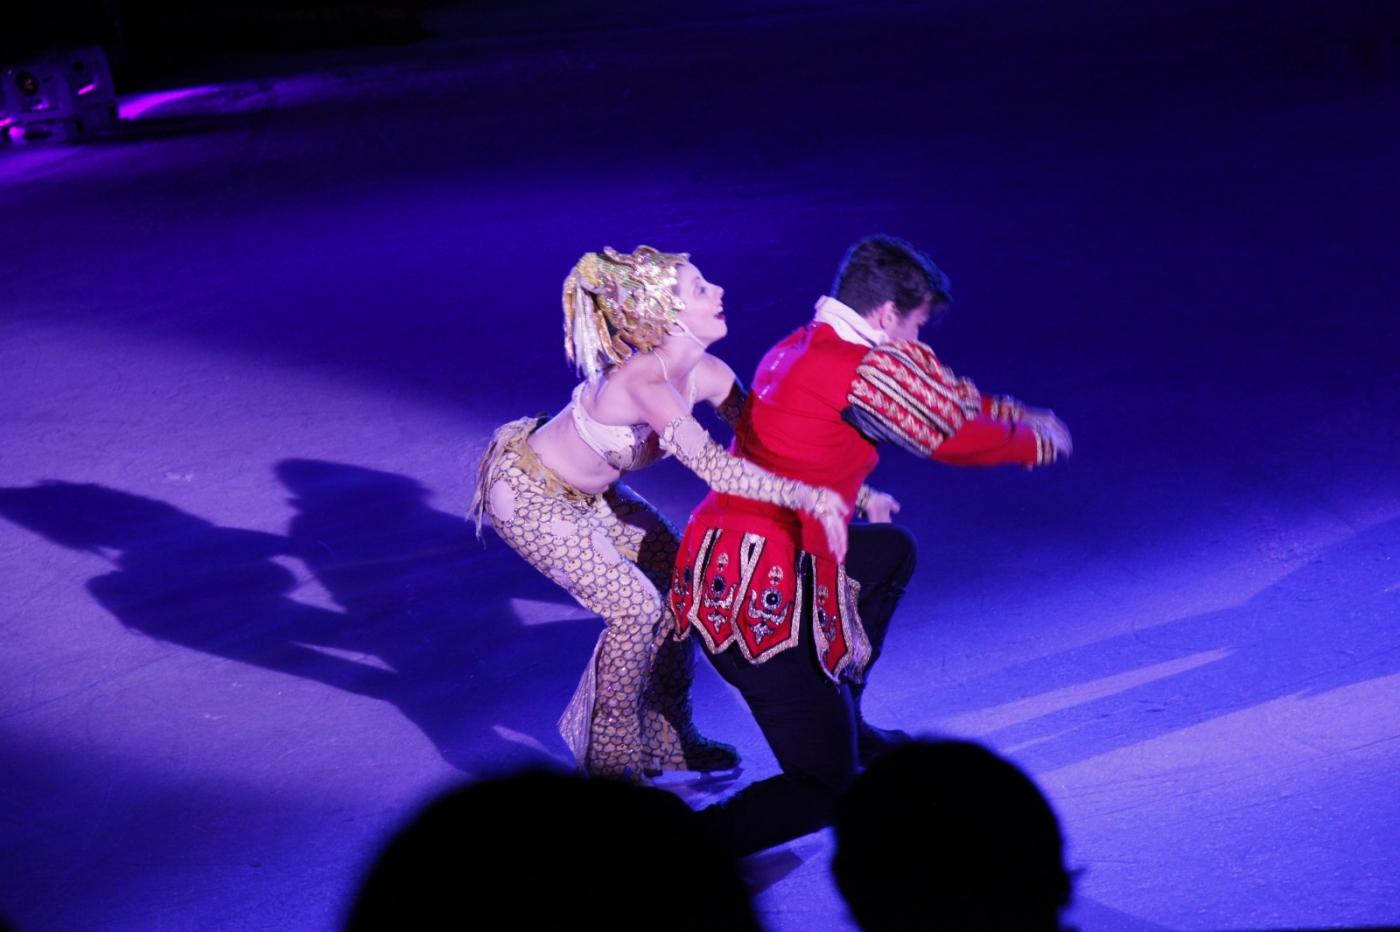 在海洋绿洲号游轮,观看冰上芭蕾,花样溜冰专场演出_图1-10